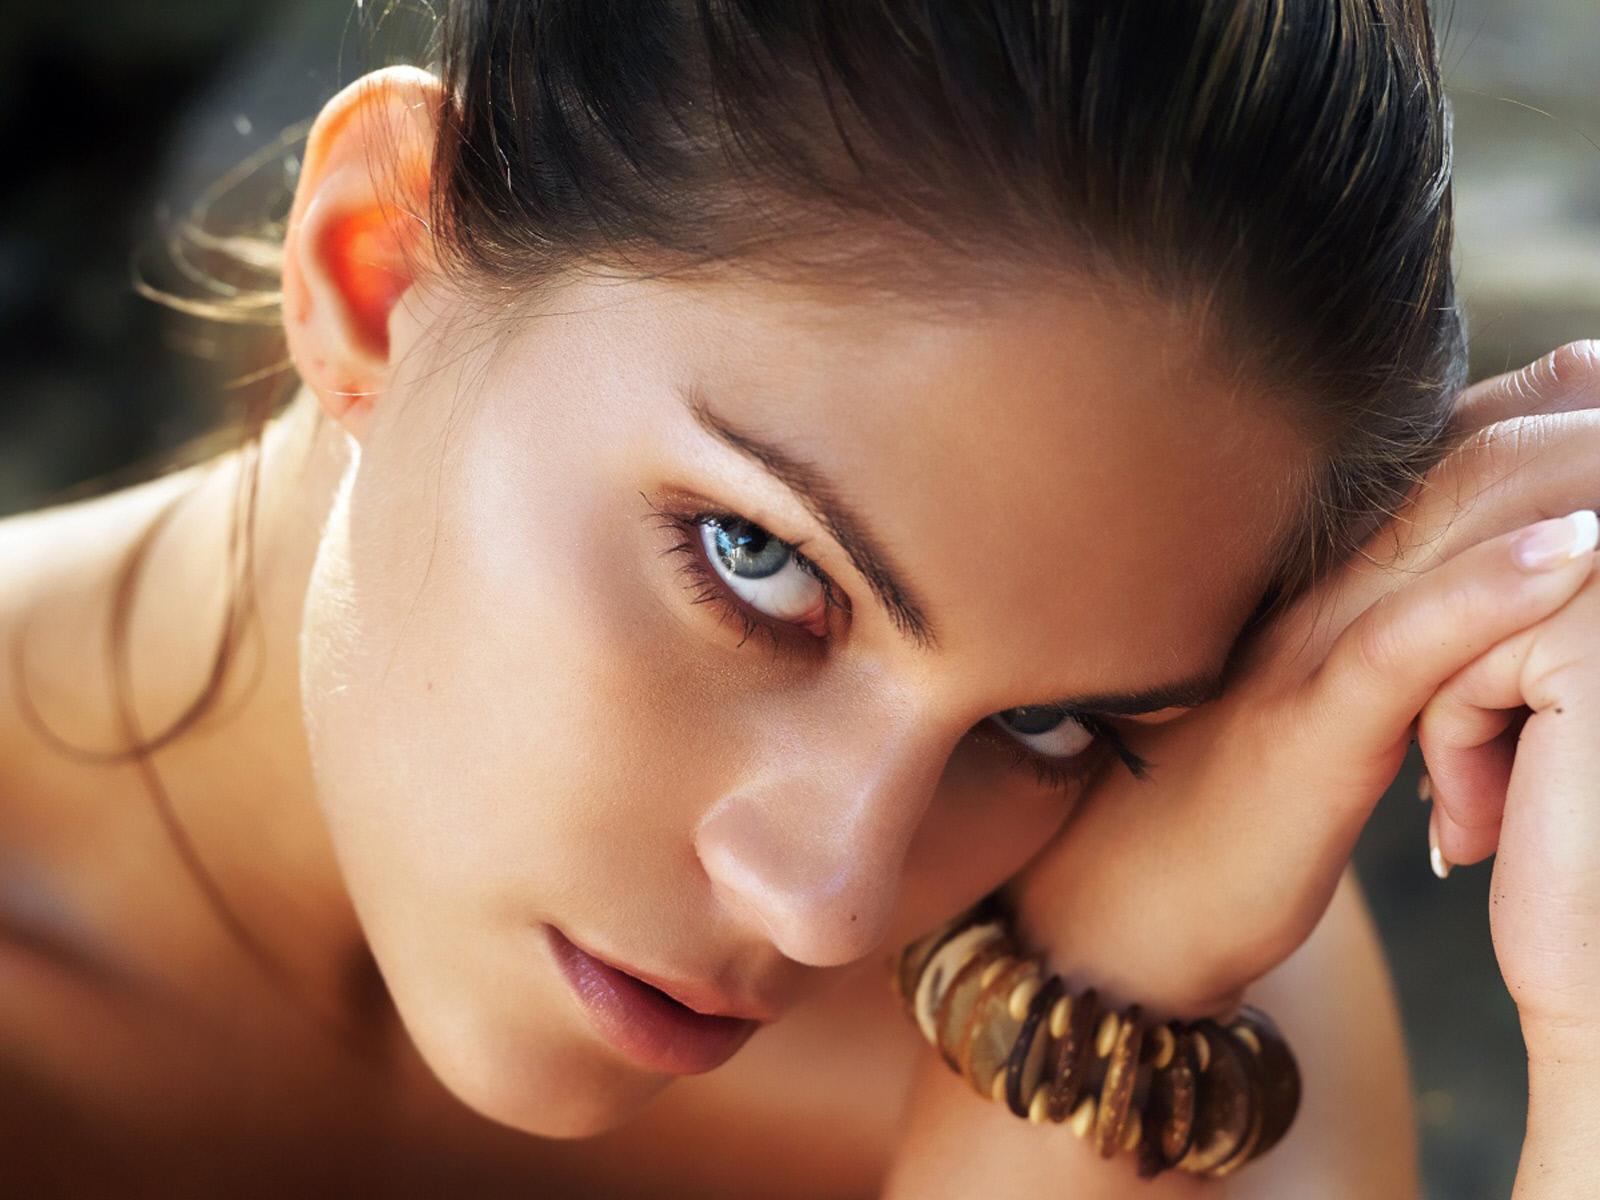 http://4.bp.blogspot.com/-anjUTQg7ogA/TVkS-PeBtiI/AAAAAAAACCY/pjHmIfiBs-s/s1600/models+hot+wallpapers.jpg